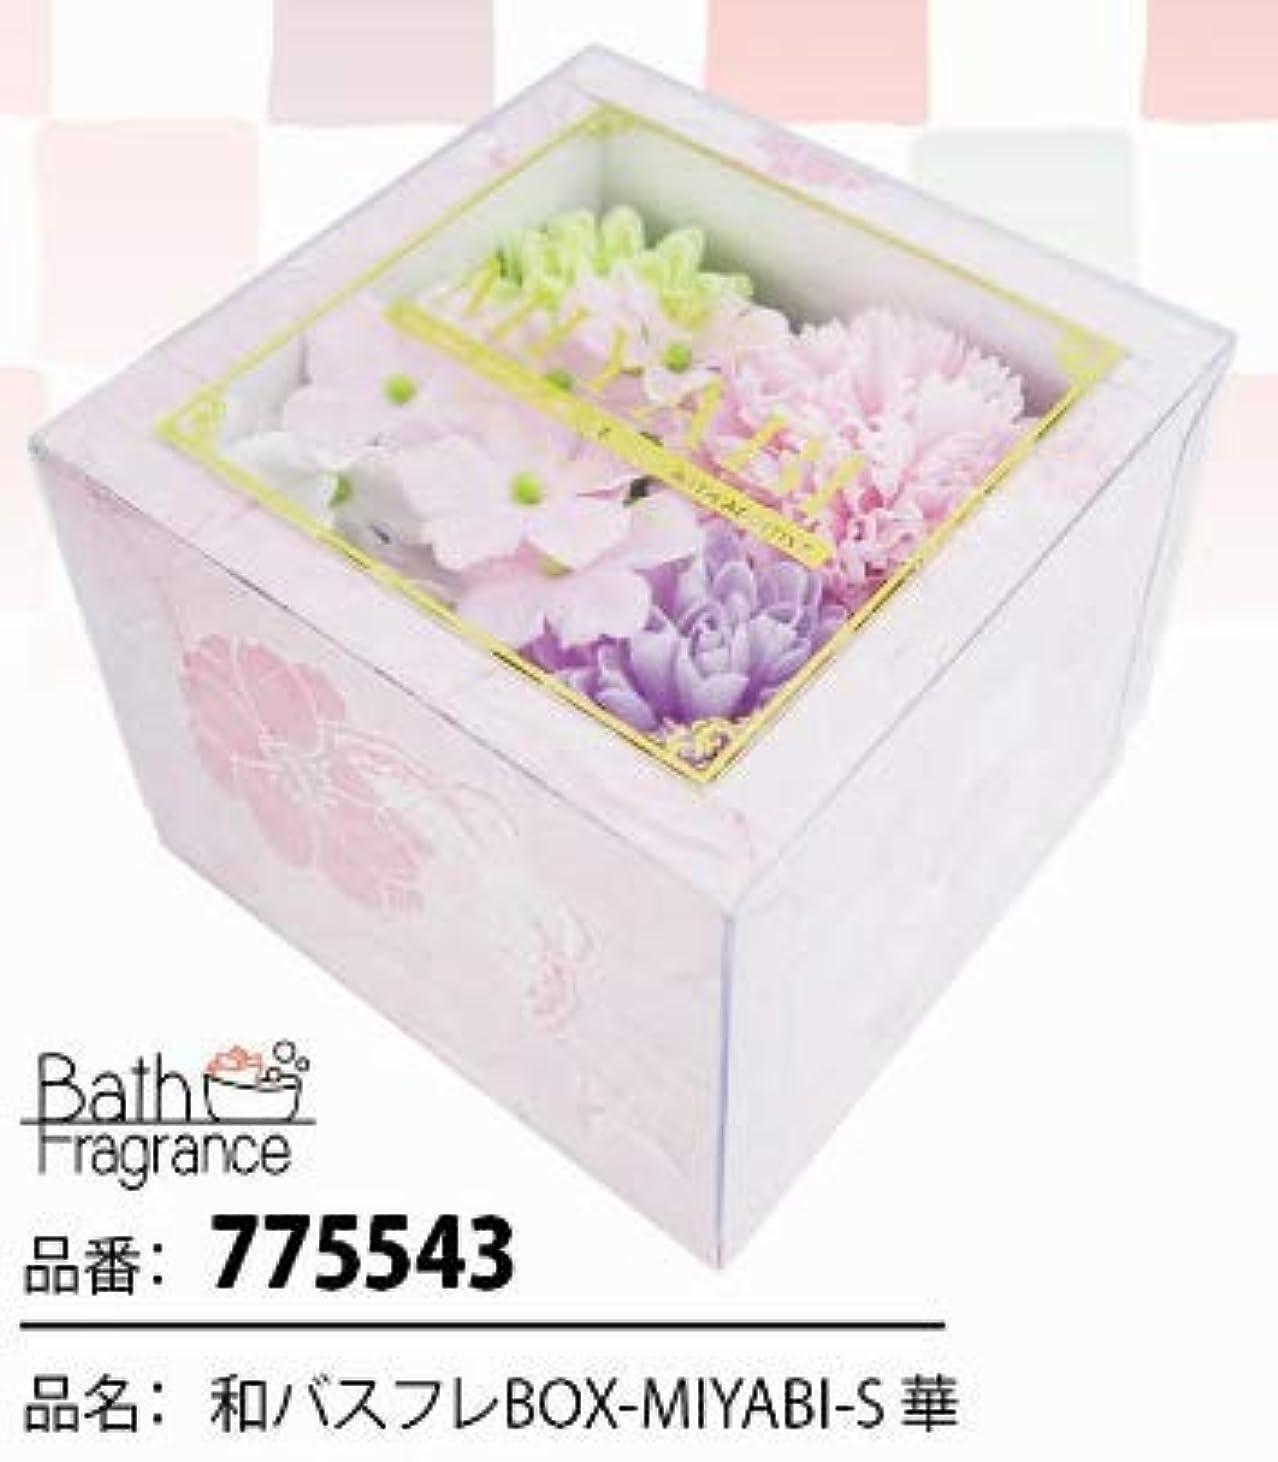 抵抗力がある推進力スタジオ花のカタチの入浴剤 和バスフレBOX-MIYABI-S華 775543